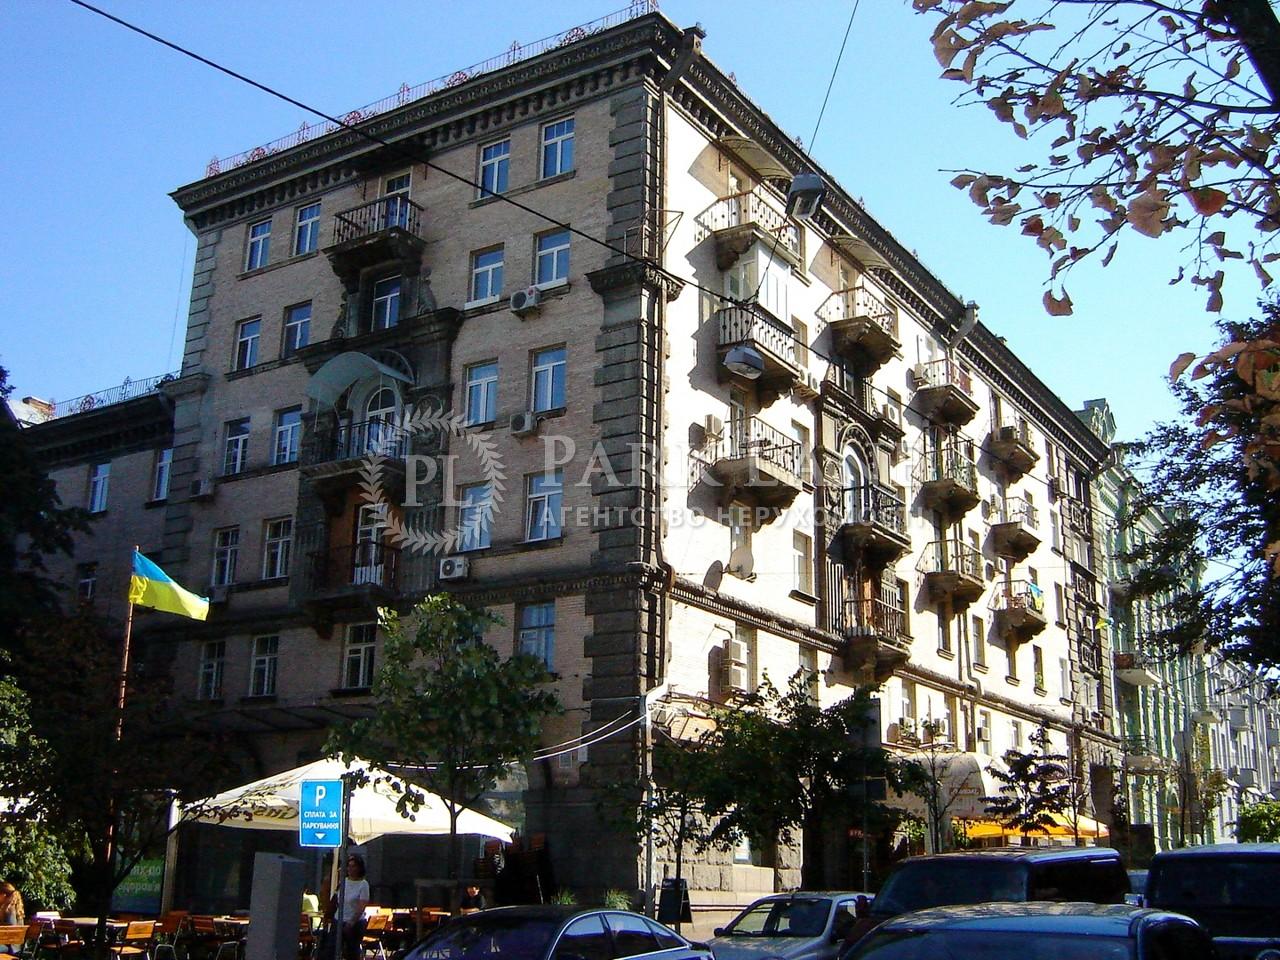 Квартира ул. Прорезная (Центр), 5-1/3, Киев, R-19610 - Фото 1